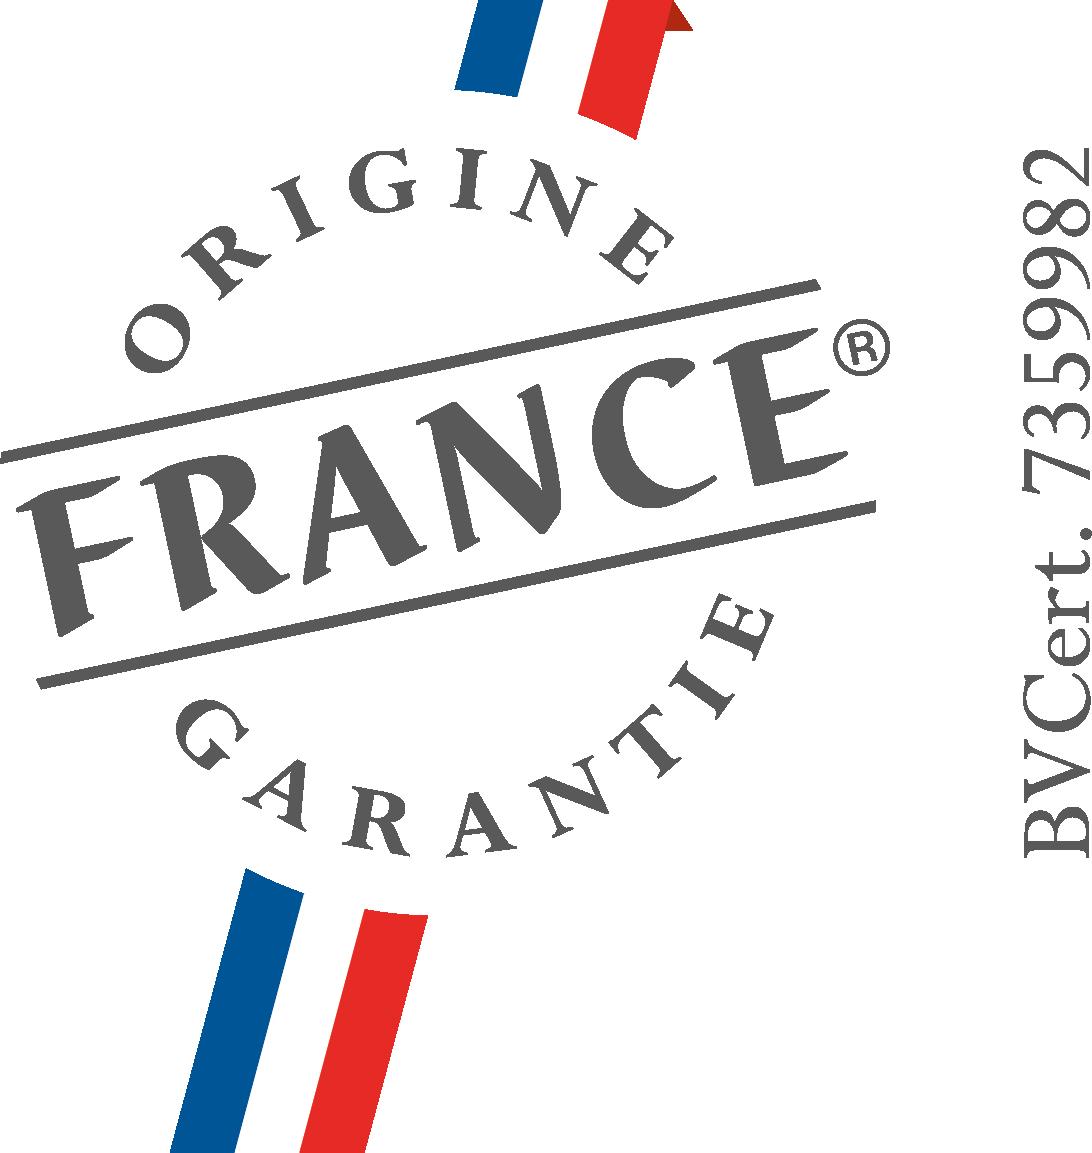 ez-wheel origin guarantee garantie